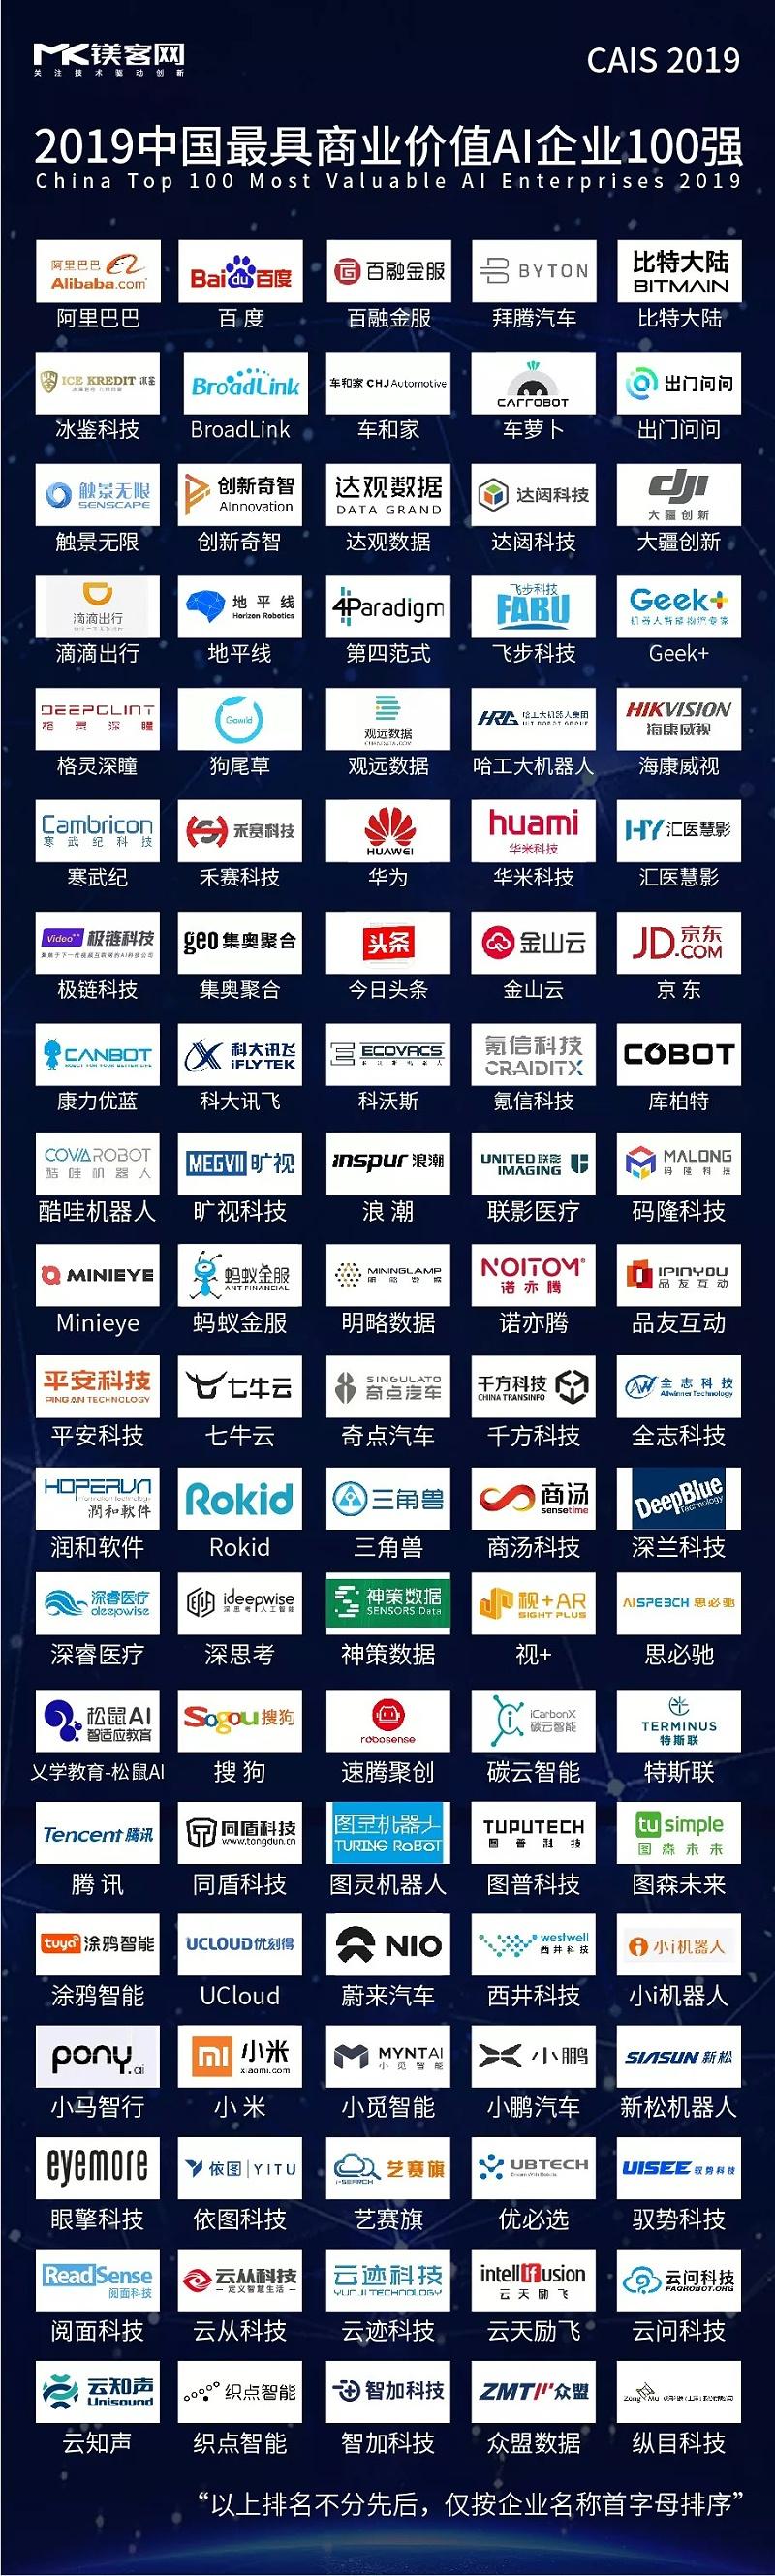 2019中国人工智能峰会